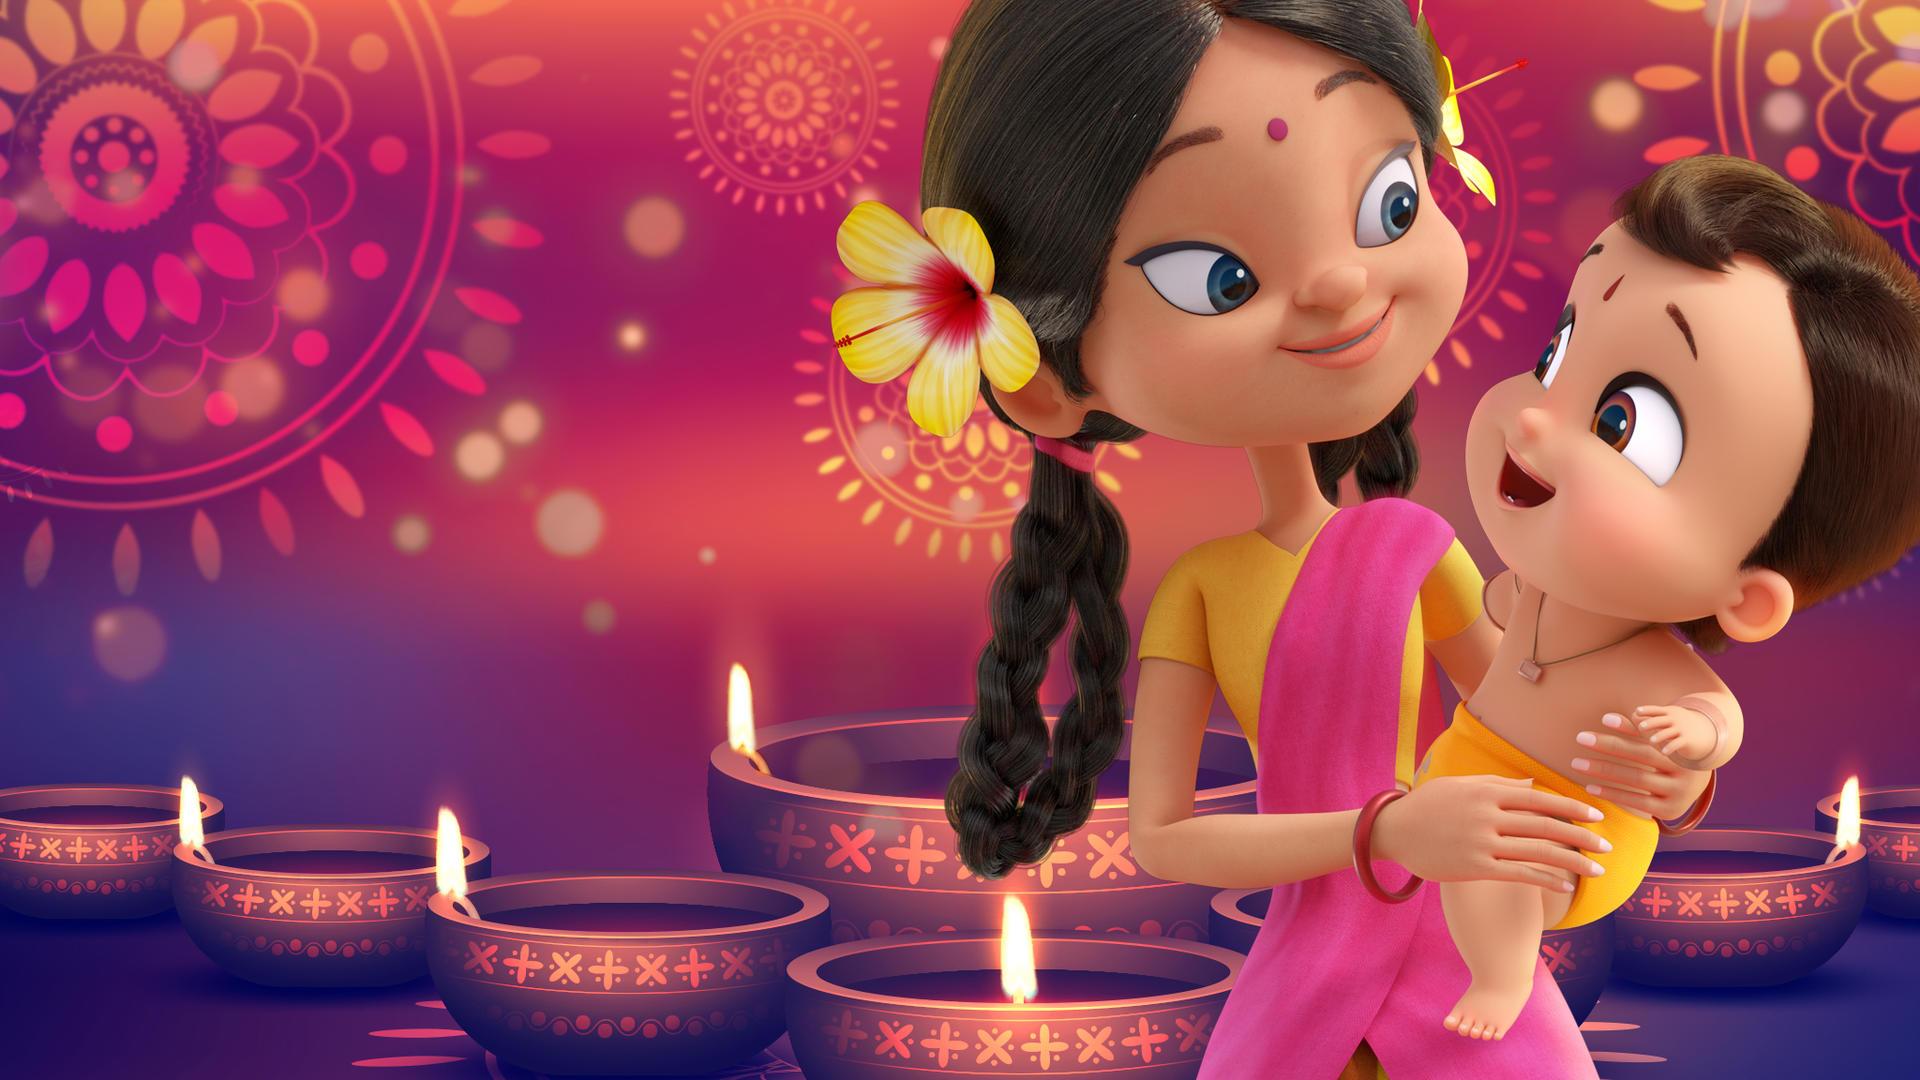 O Pequeno Poderoso Bheem - O Festival das Luzes